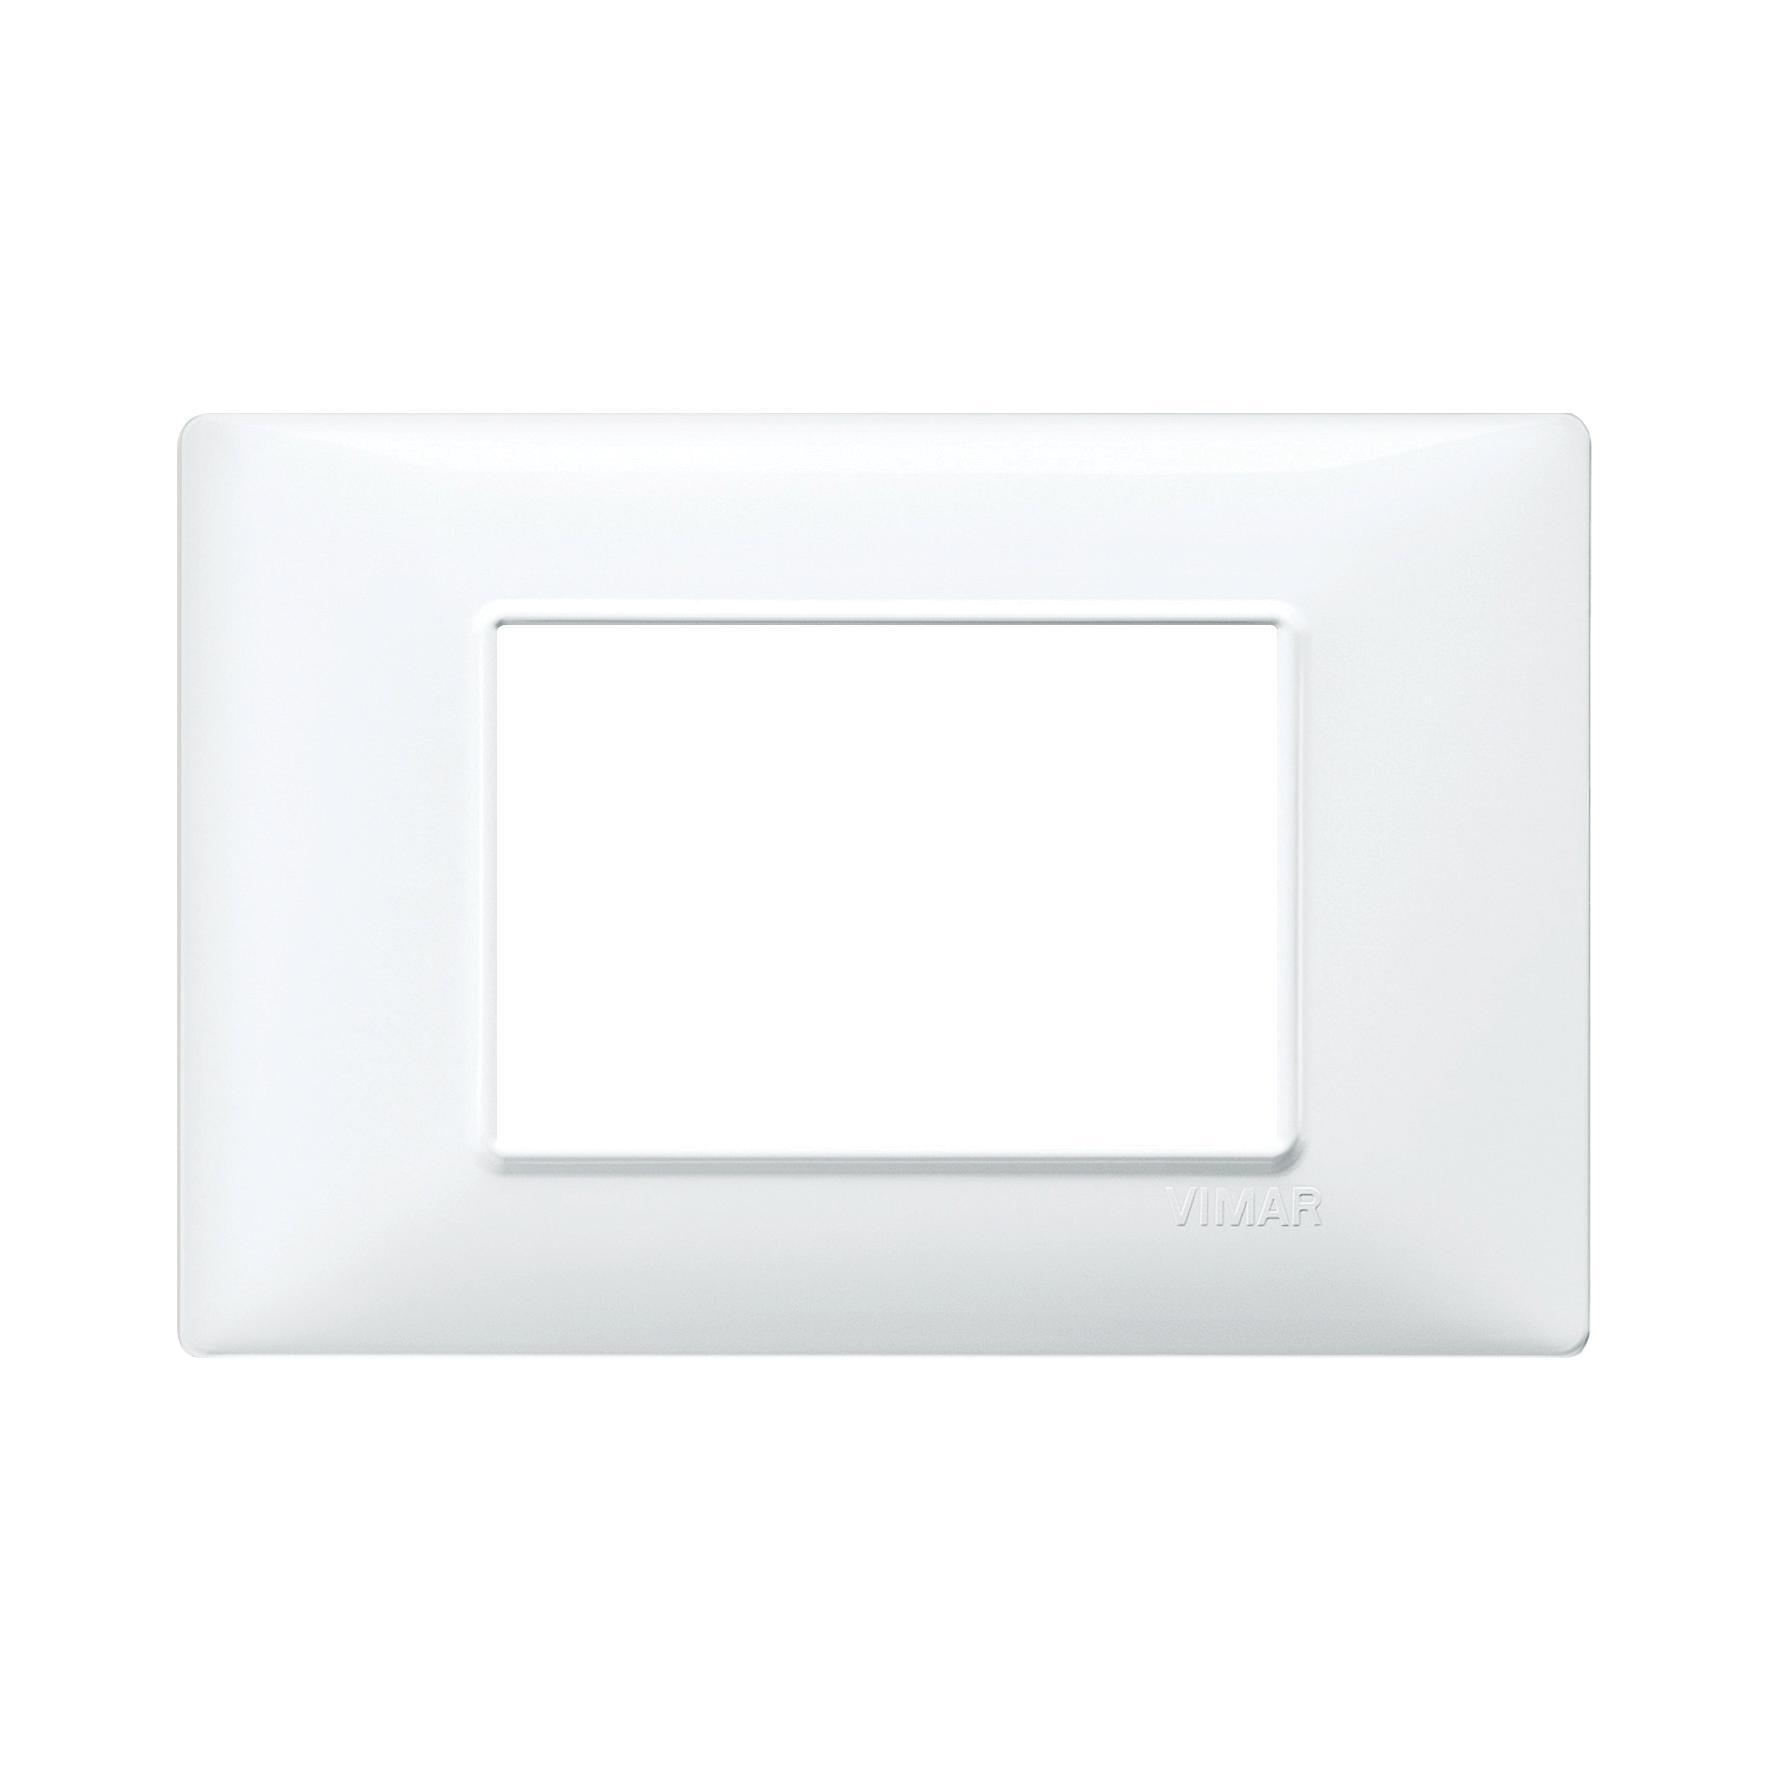 Placca Plana VIMAR 3 moduli bianco - 2